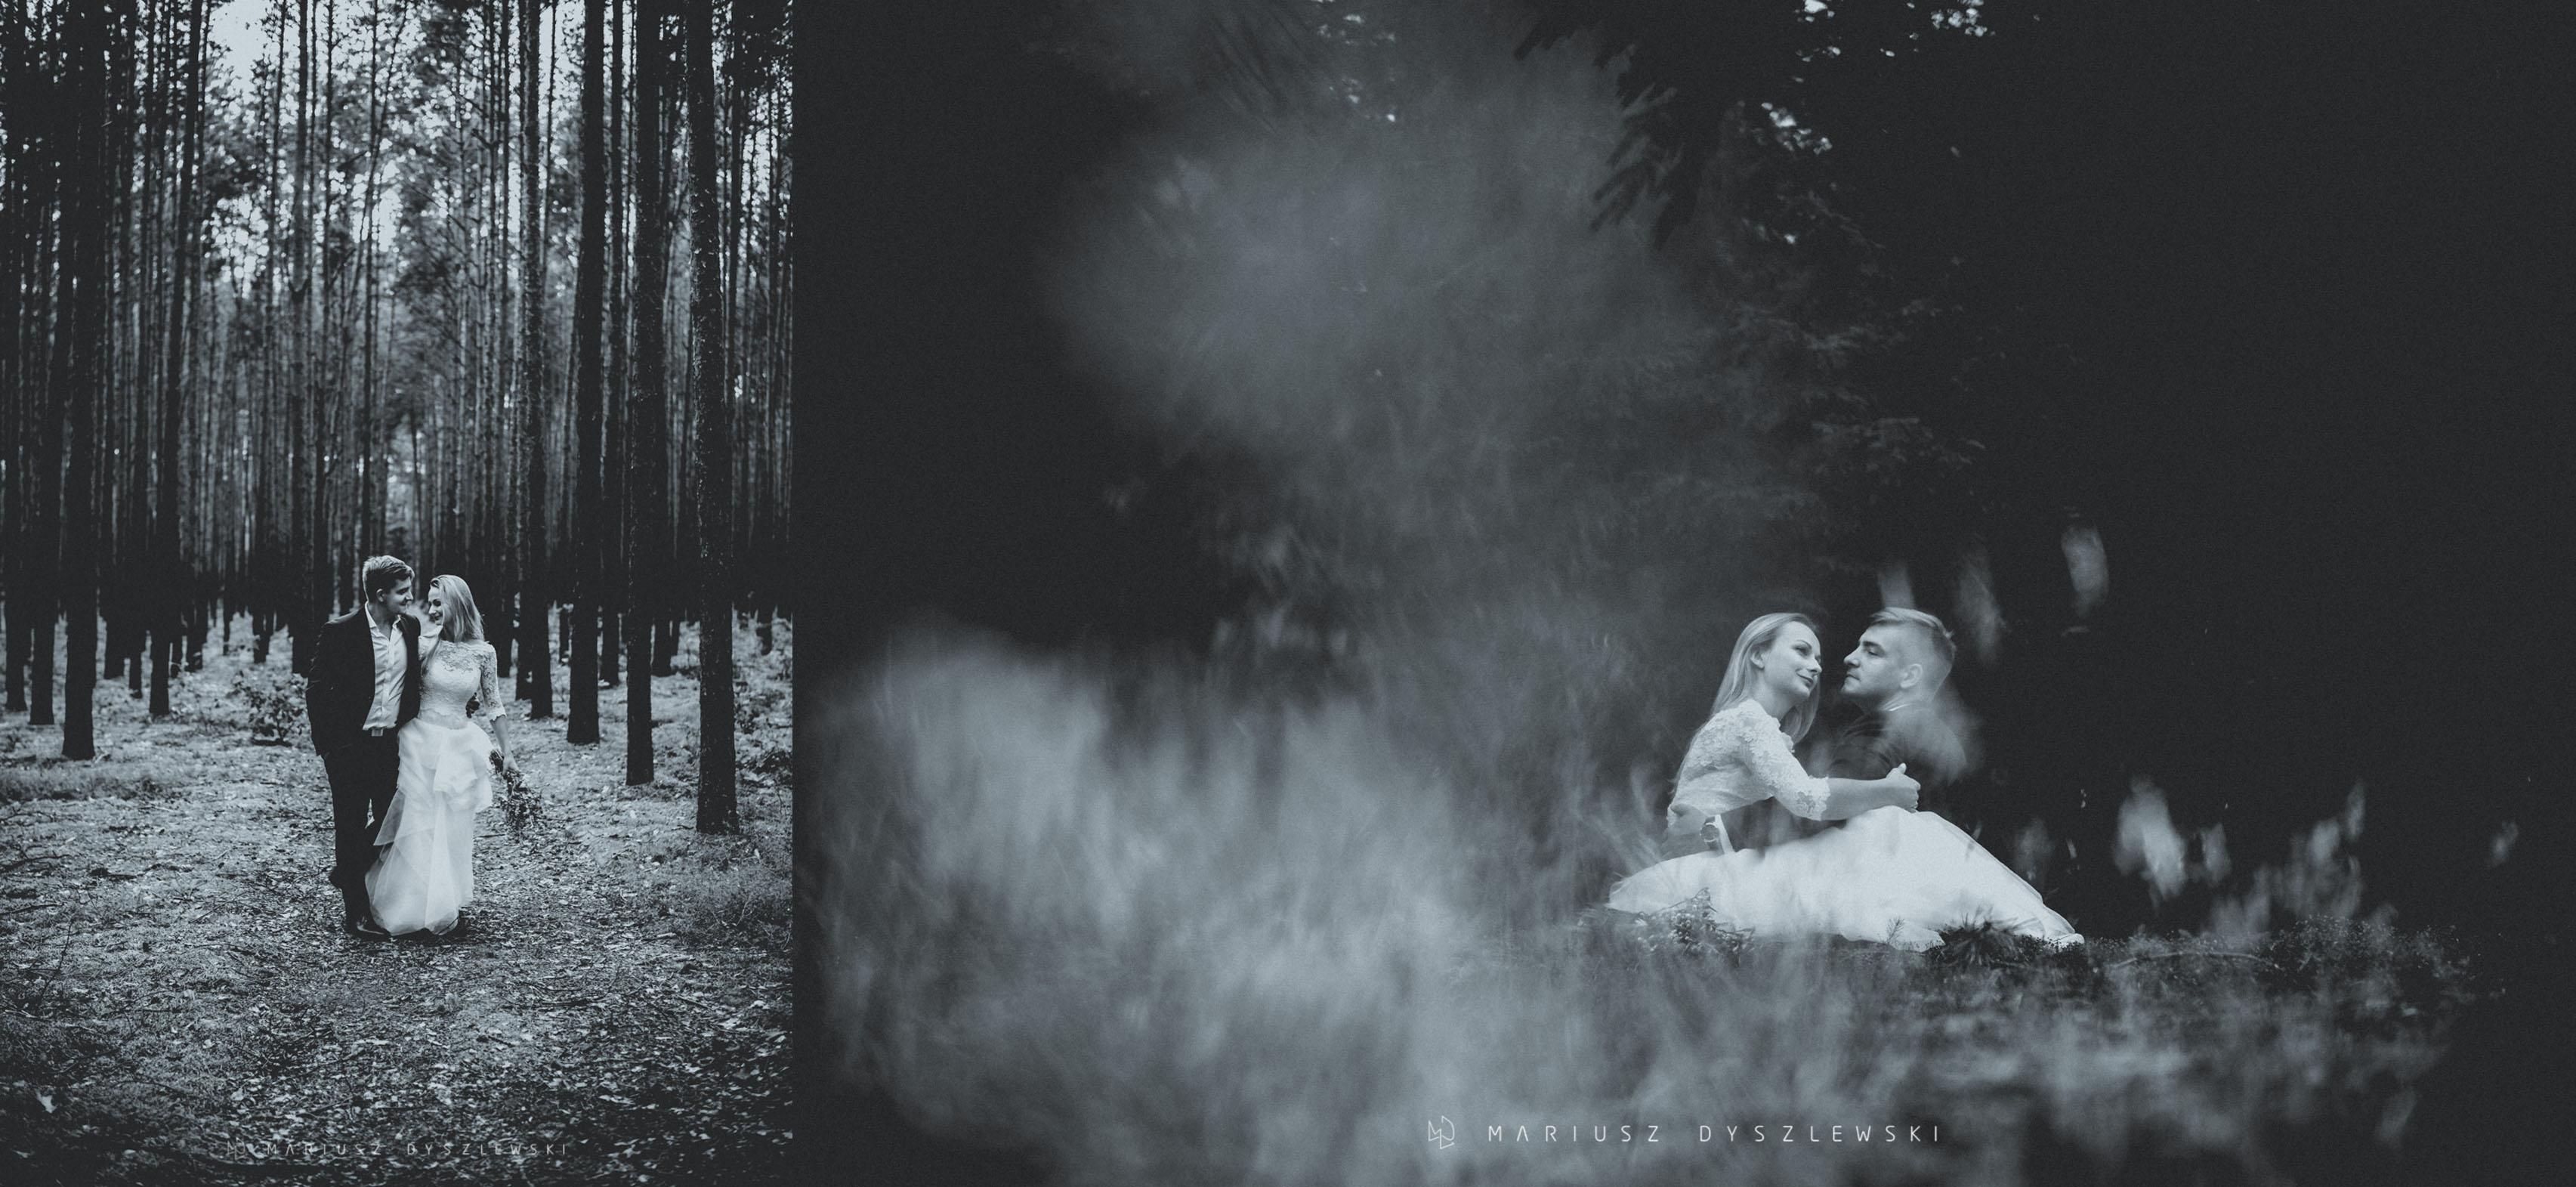 MARIUSZ_DYSZLEWSKI_FOTOGRAF_ŚLUBNY_WARSZAWA_TARNOBRZEG (162)